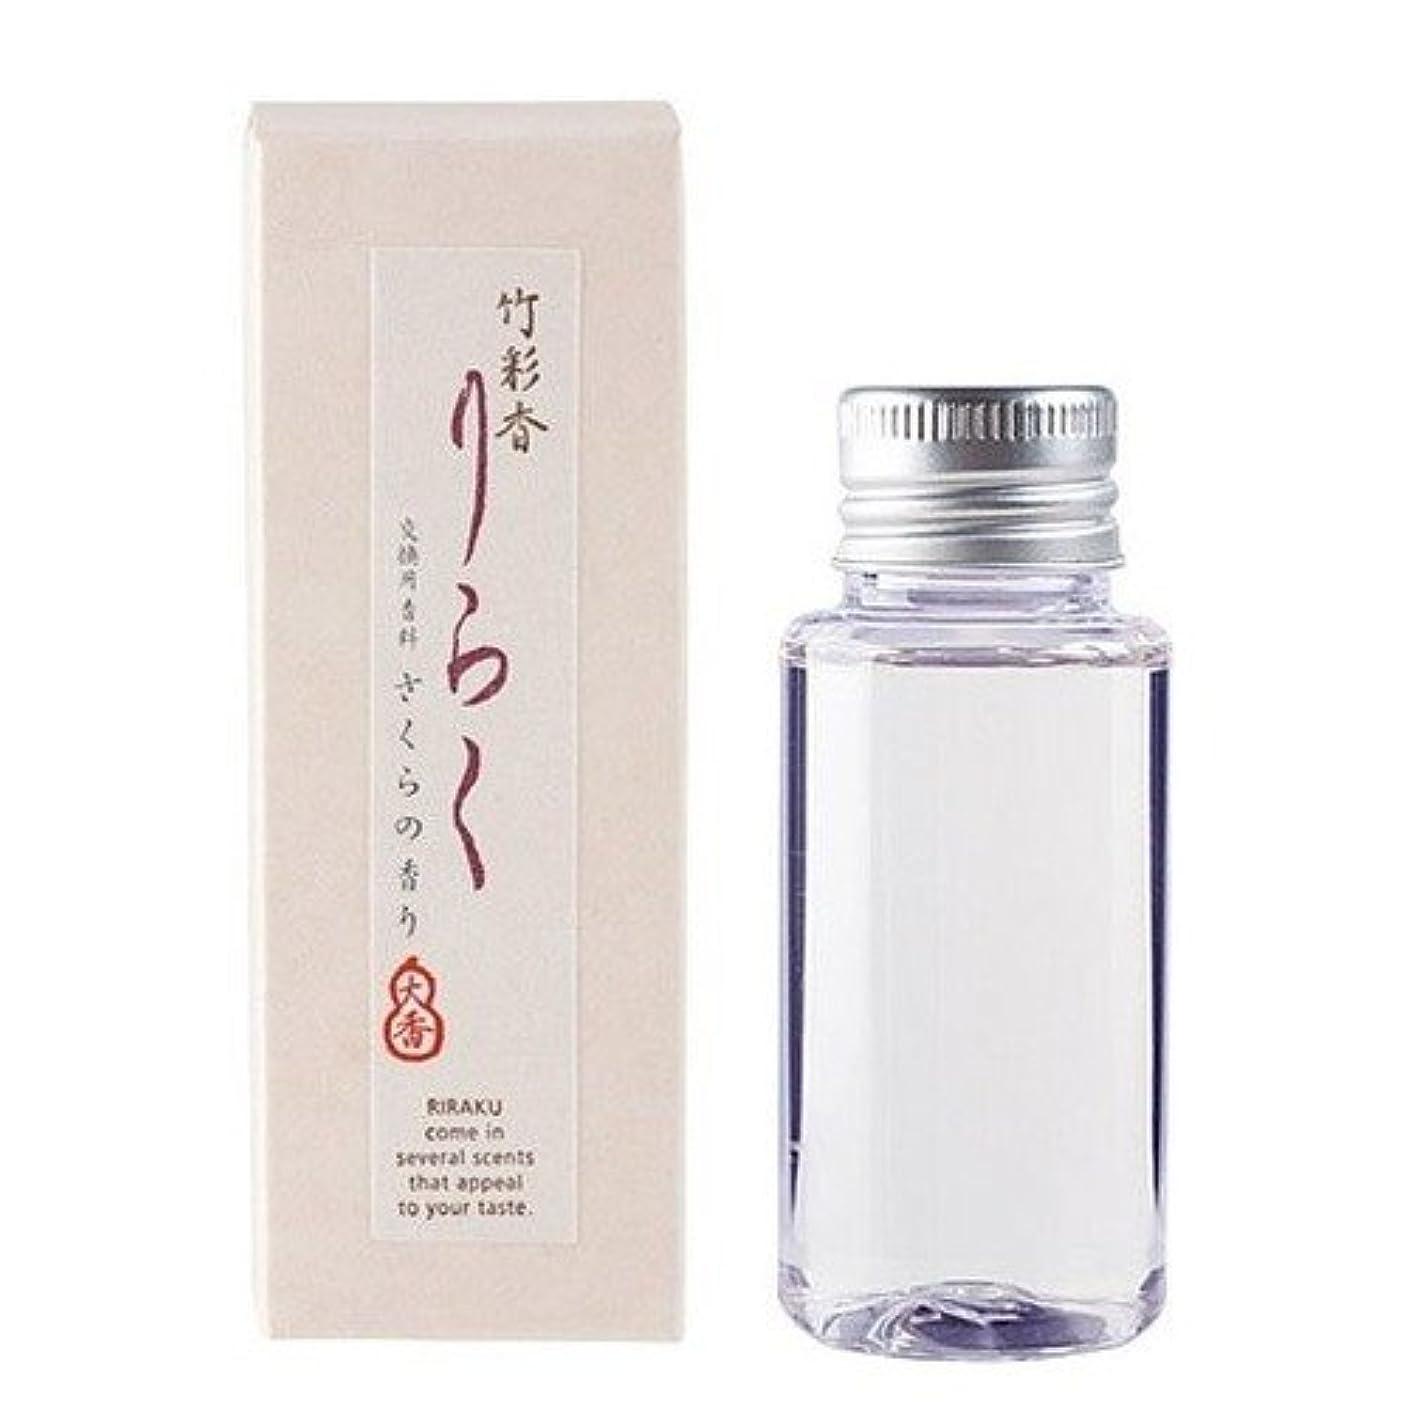 新着絶え間ないレールりらく 竹彩香りらく交換用香料 さくら